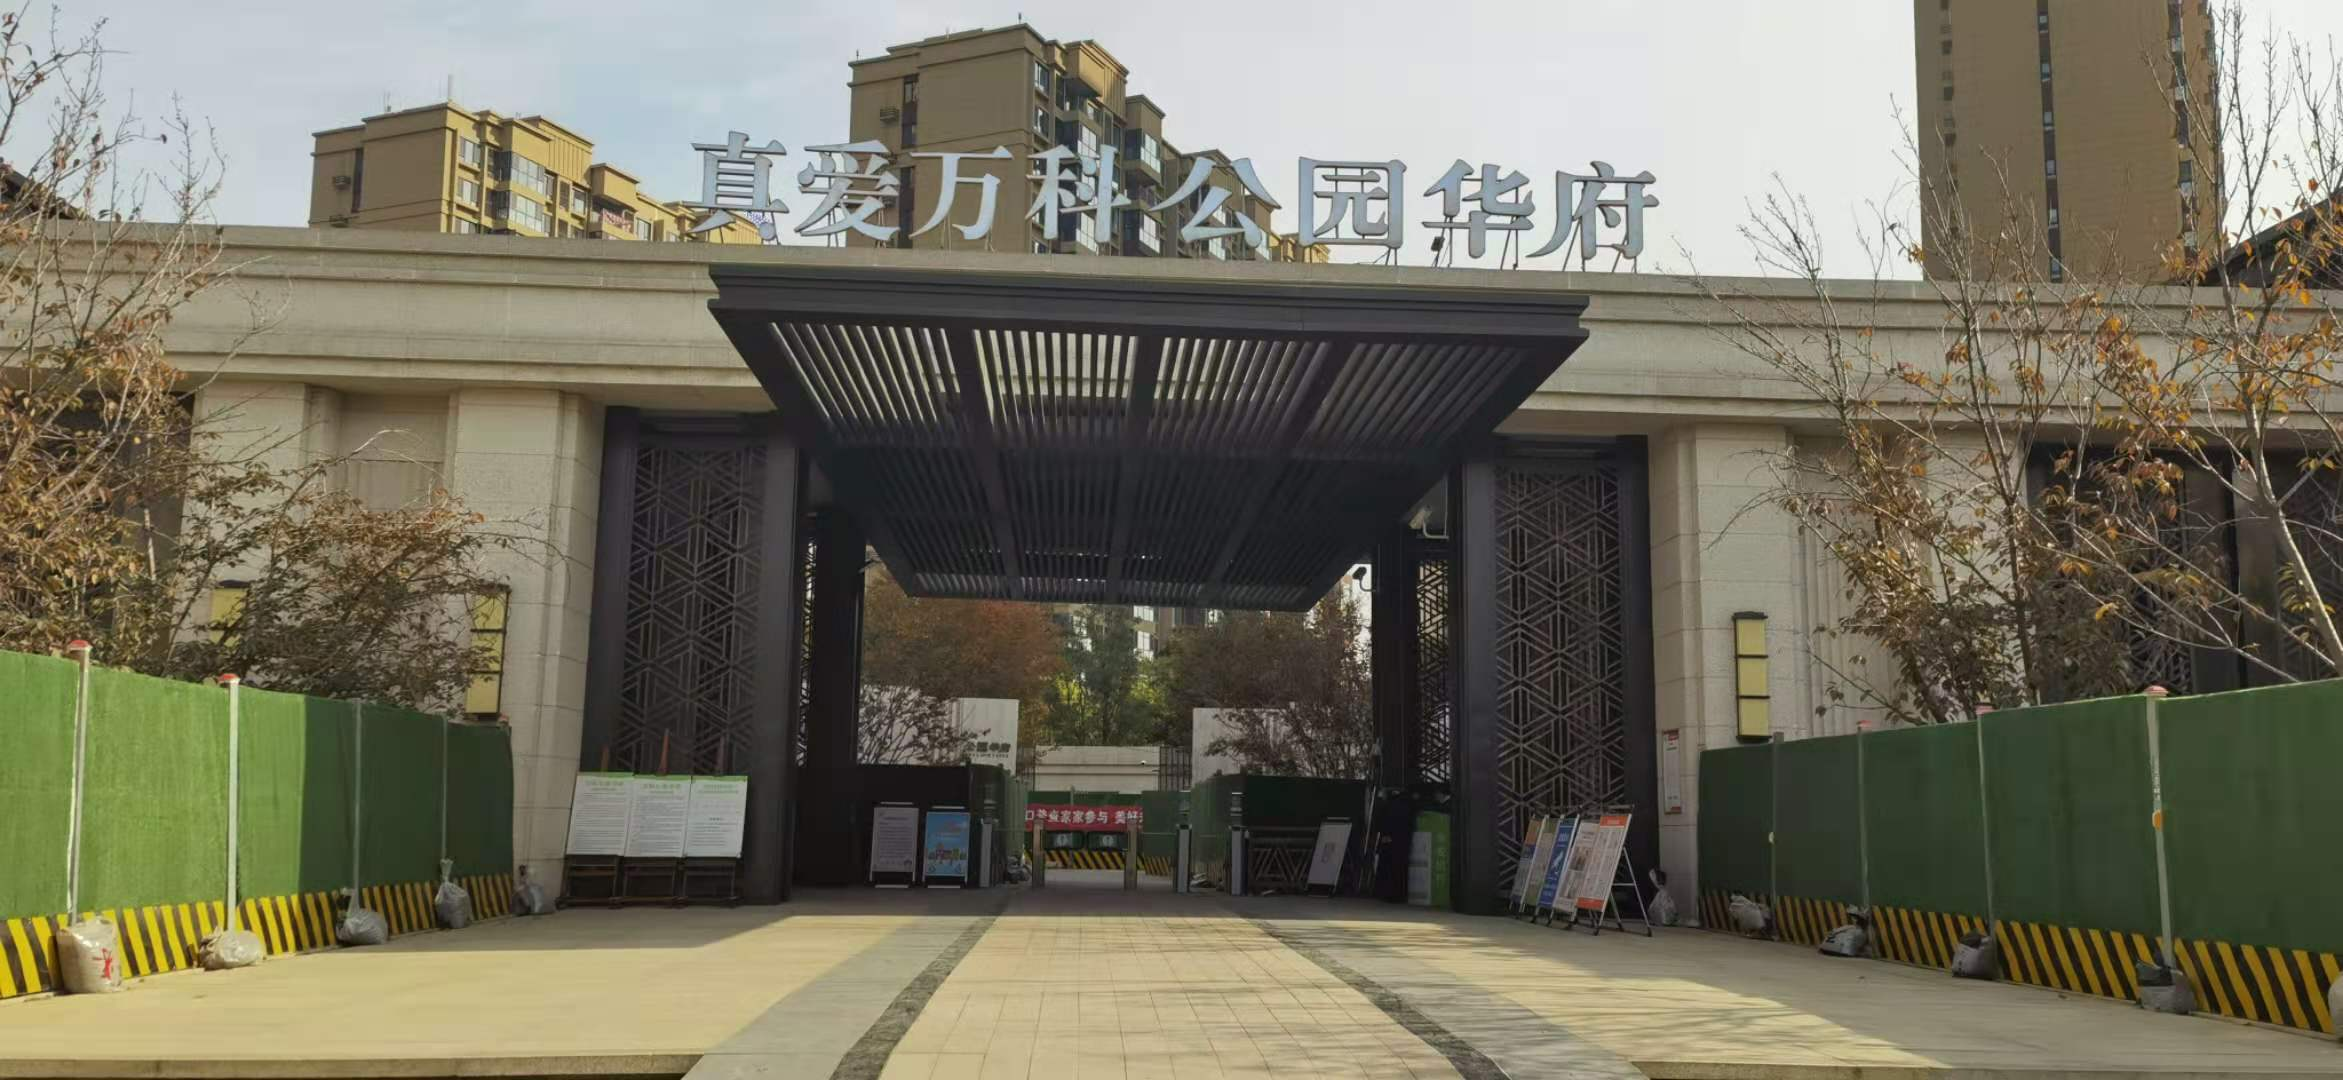 新万博manbetx体育app下载空调—真爱万科公园华府